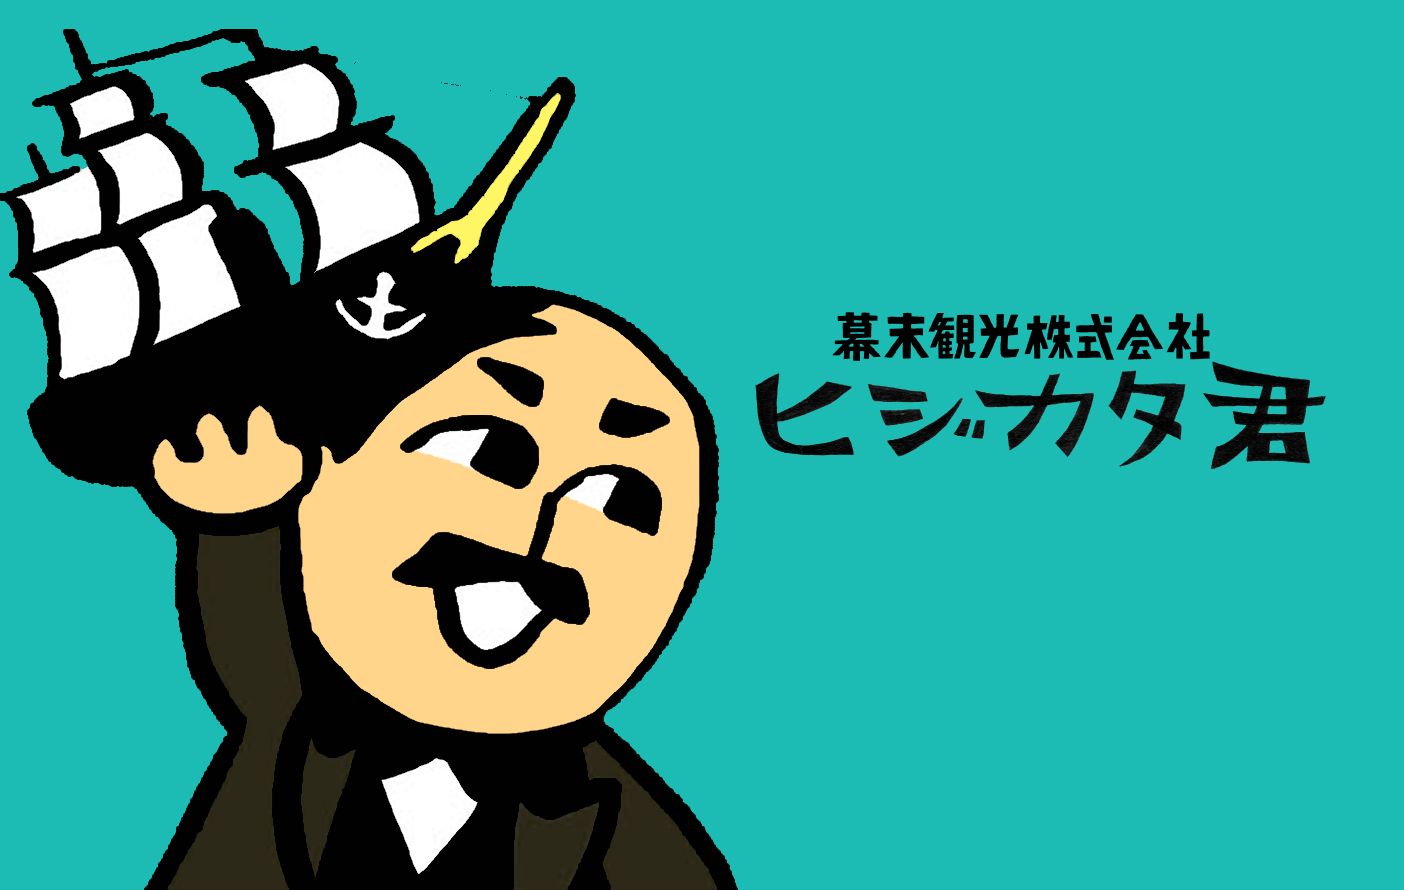 榎本さん(ヒジカタ君)